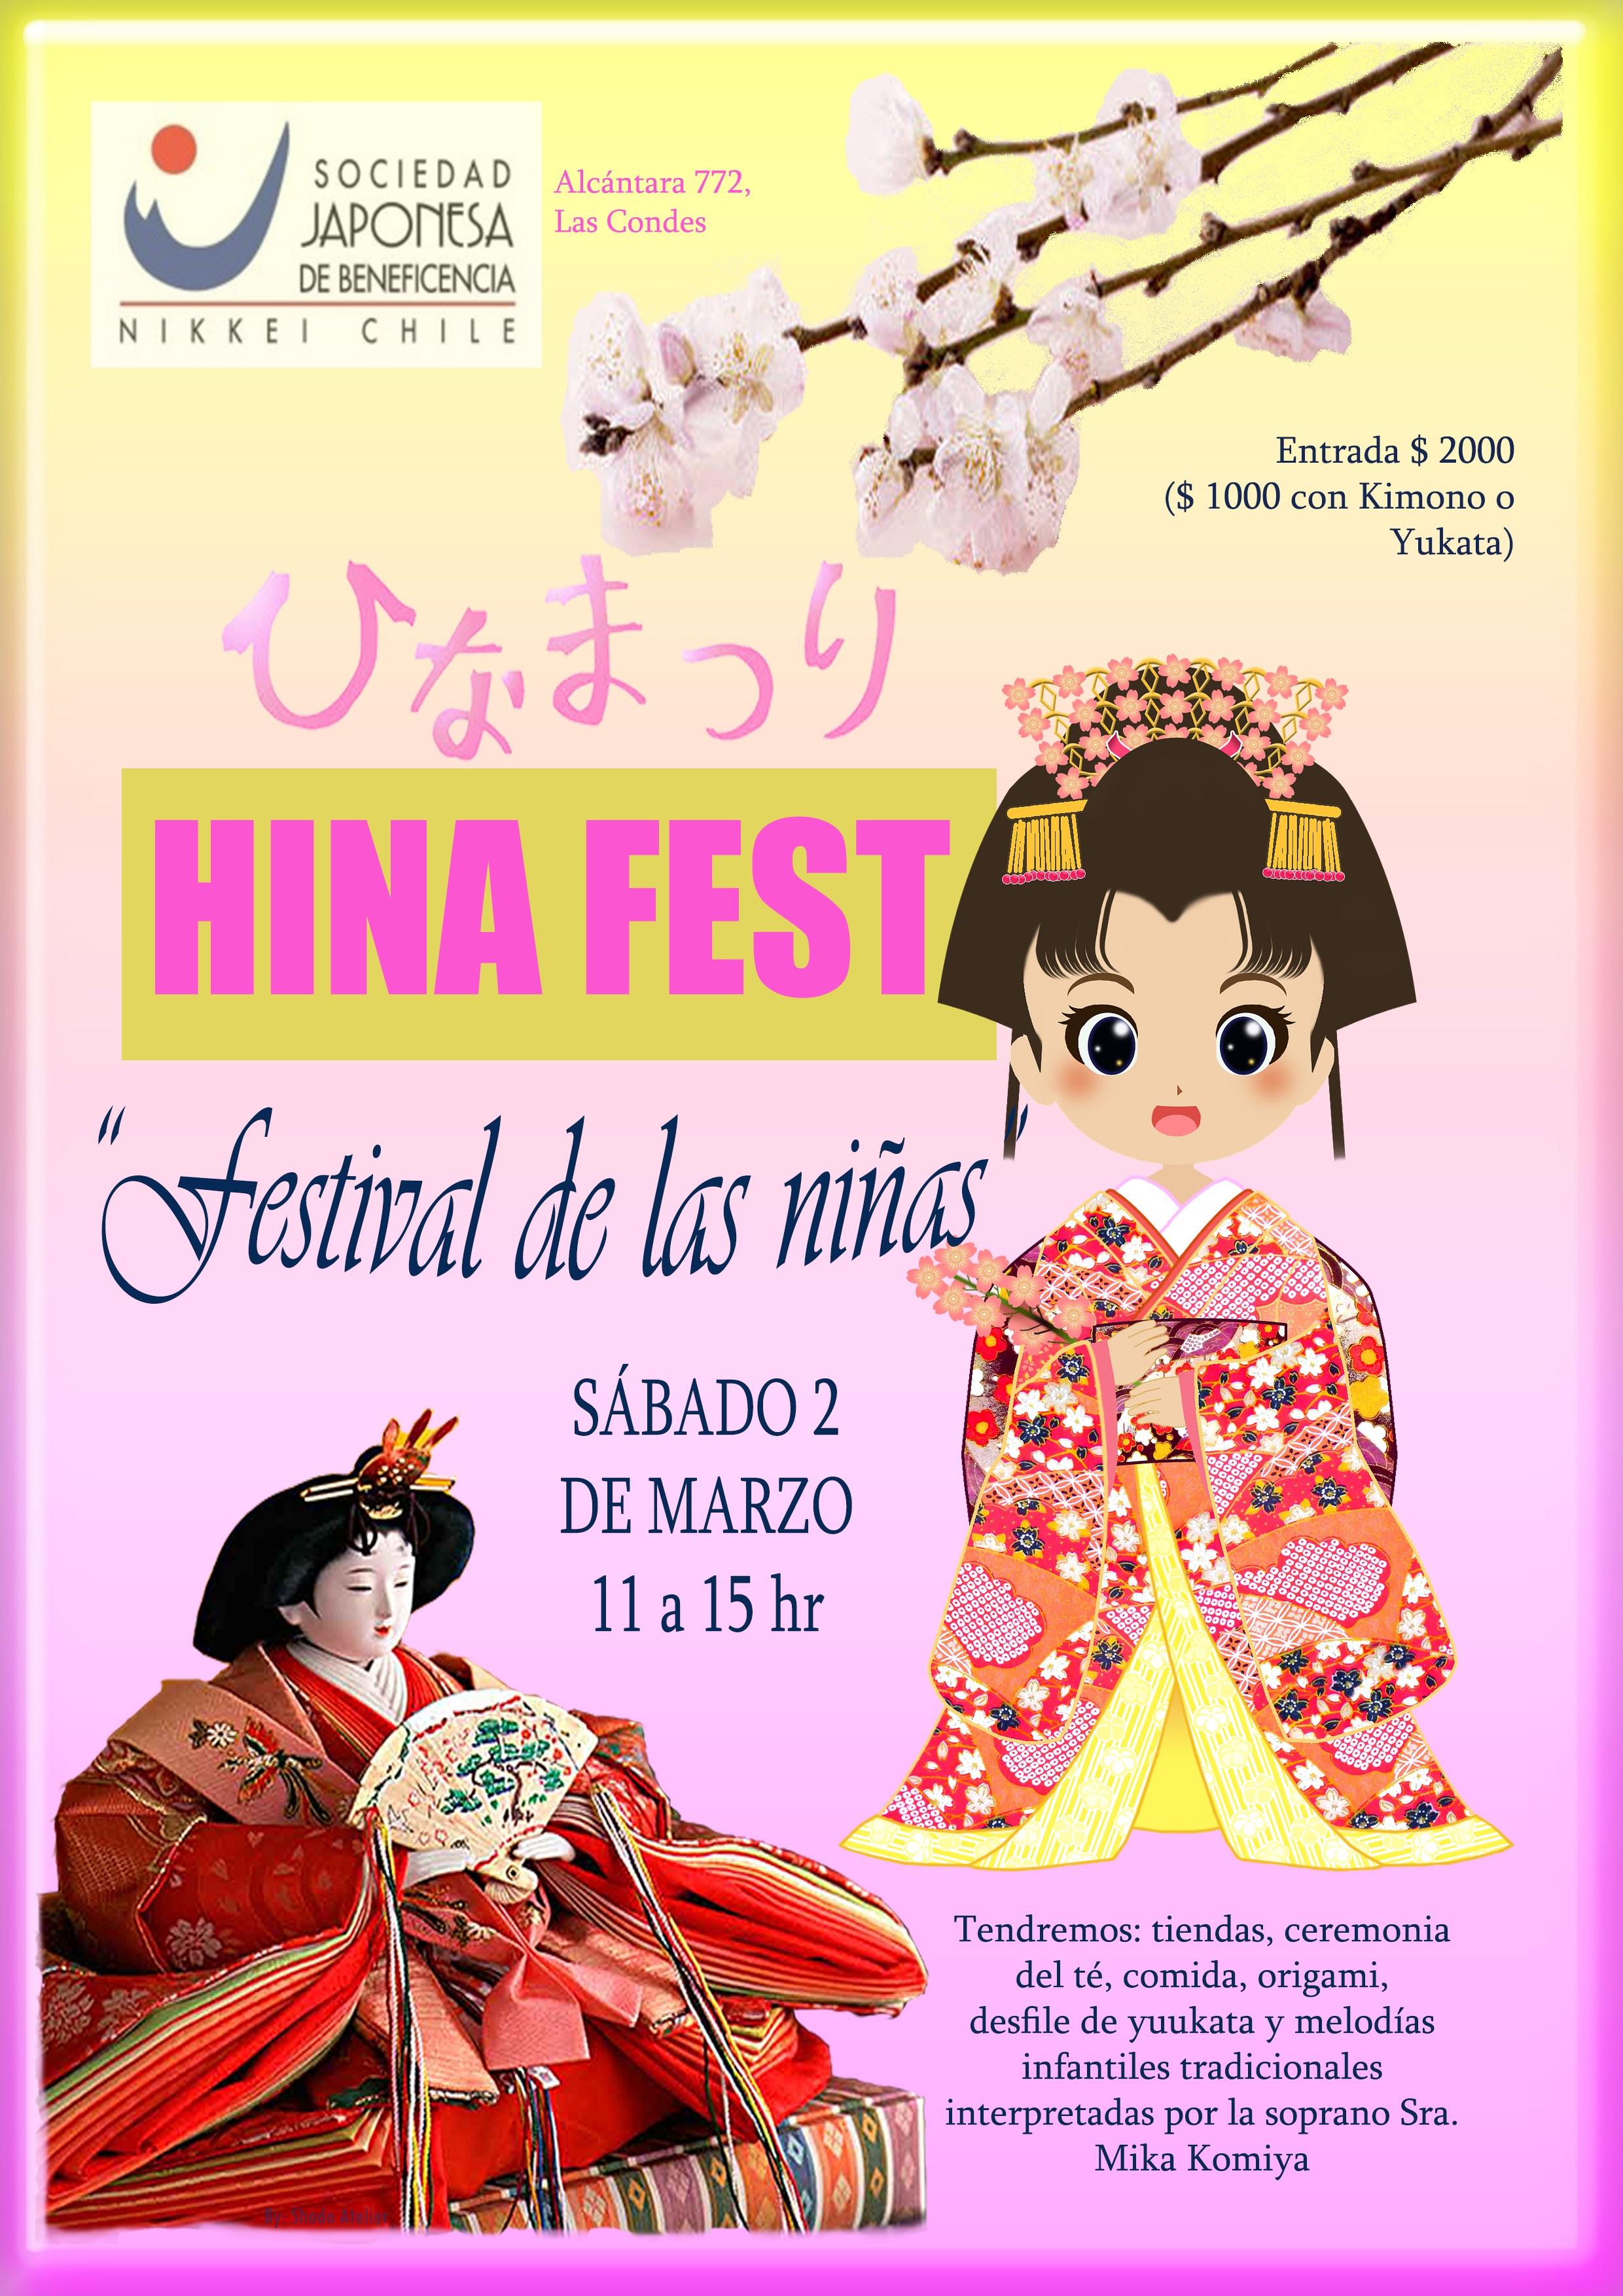 Invitación Hinafest